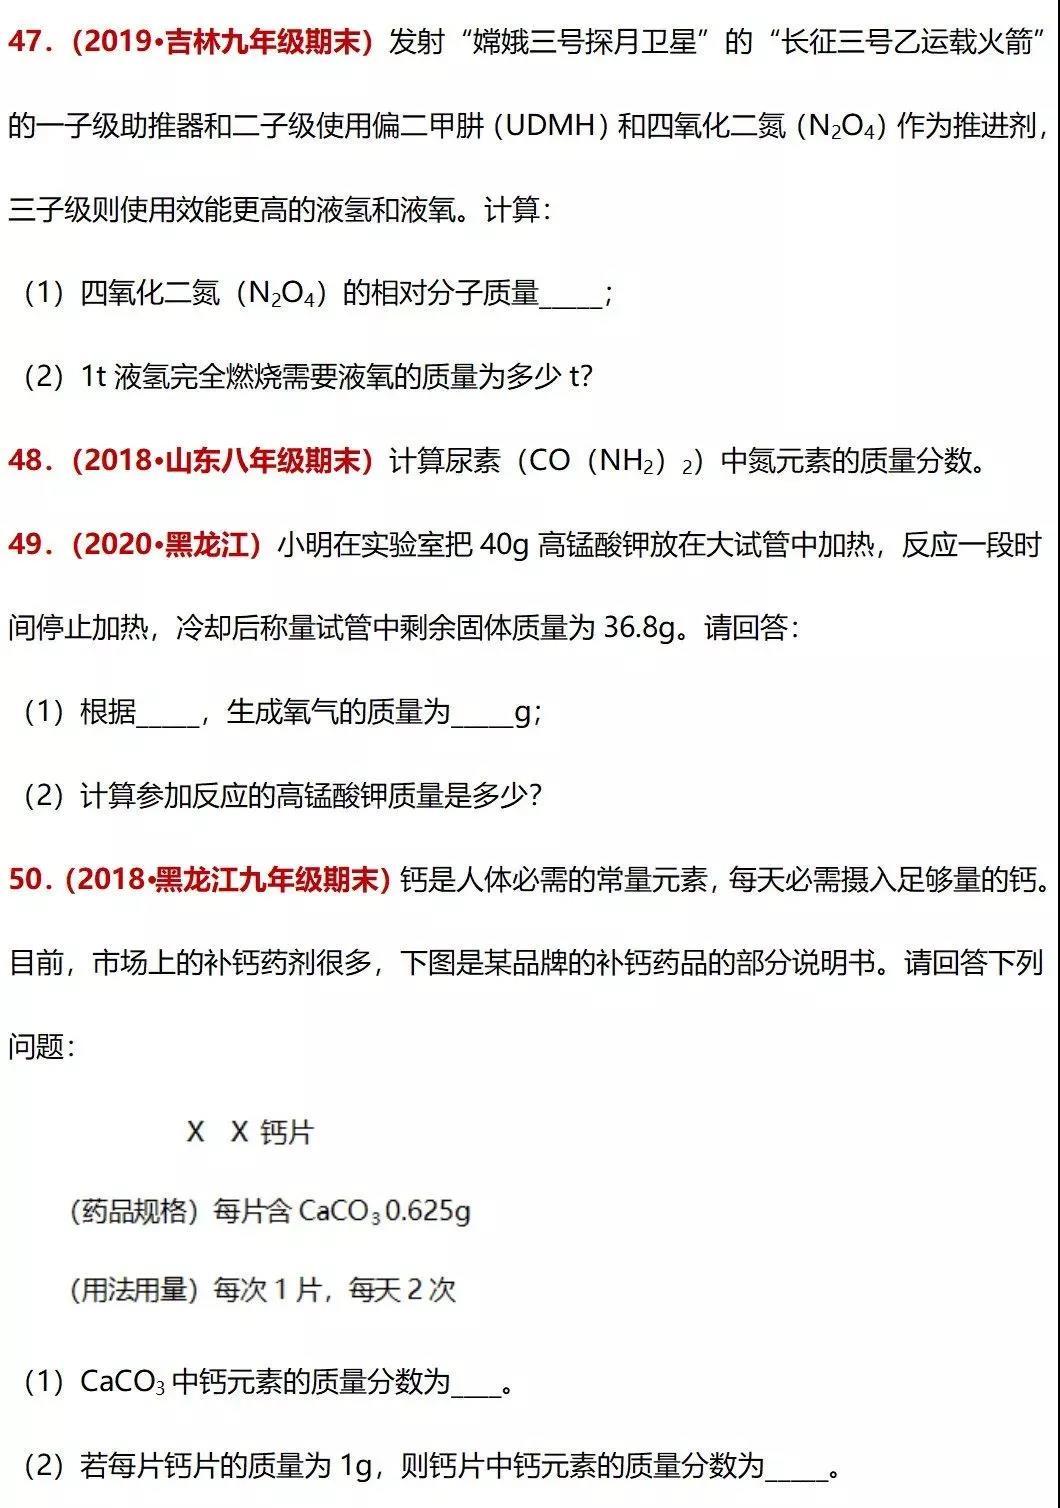 中考化学计算专项练习题(十)